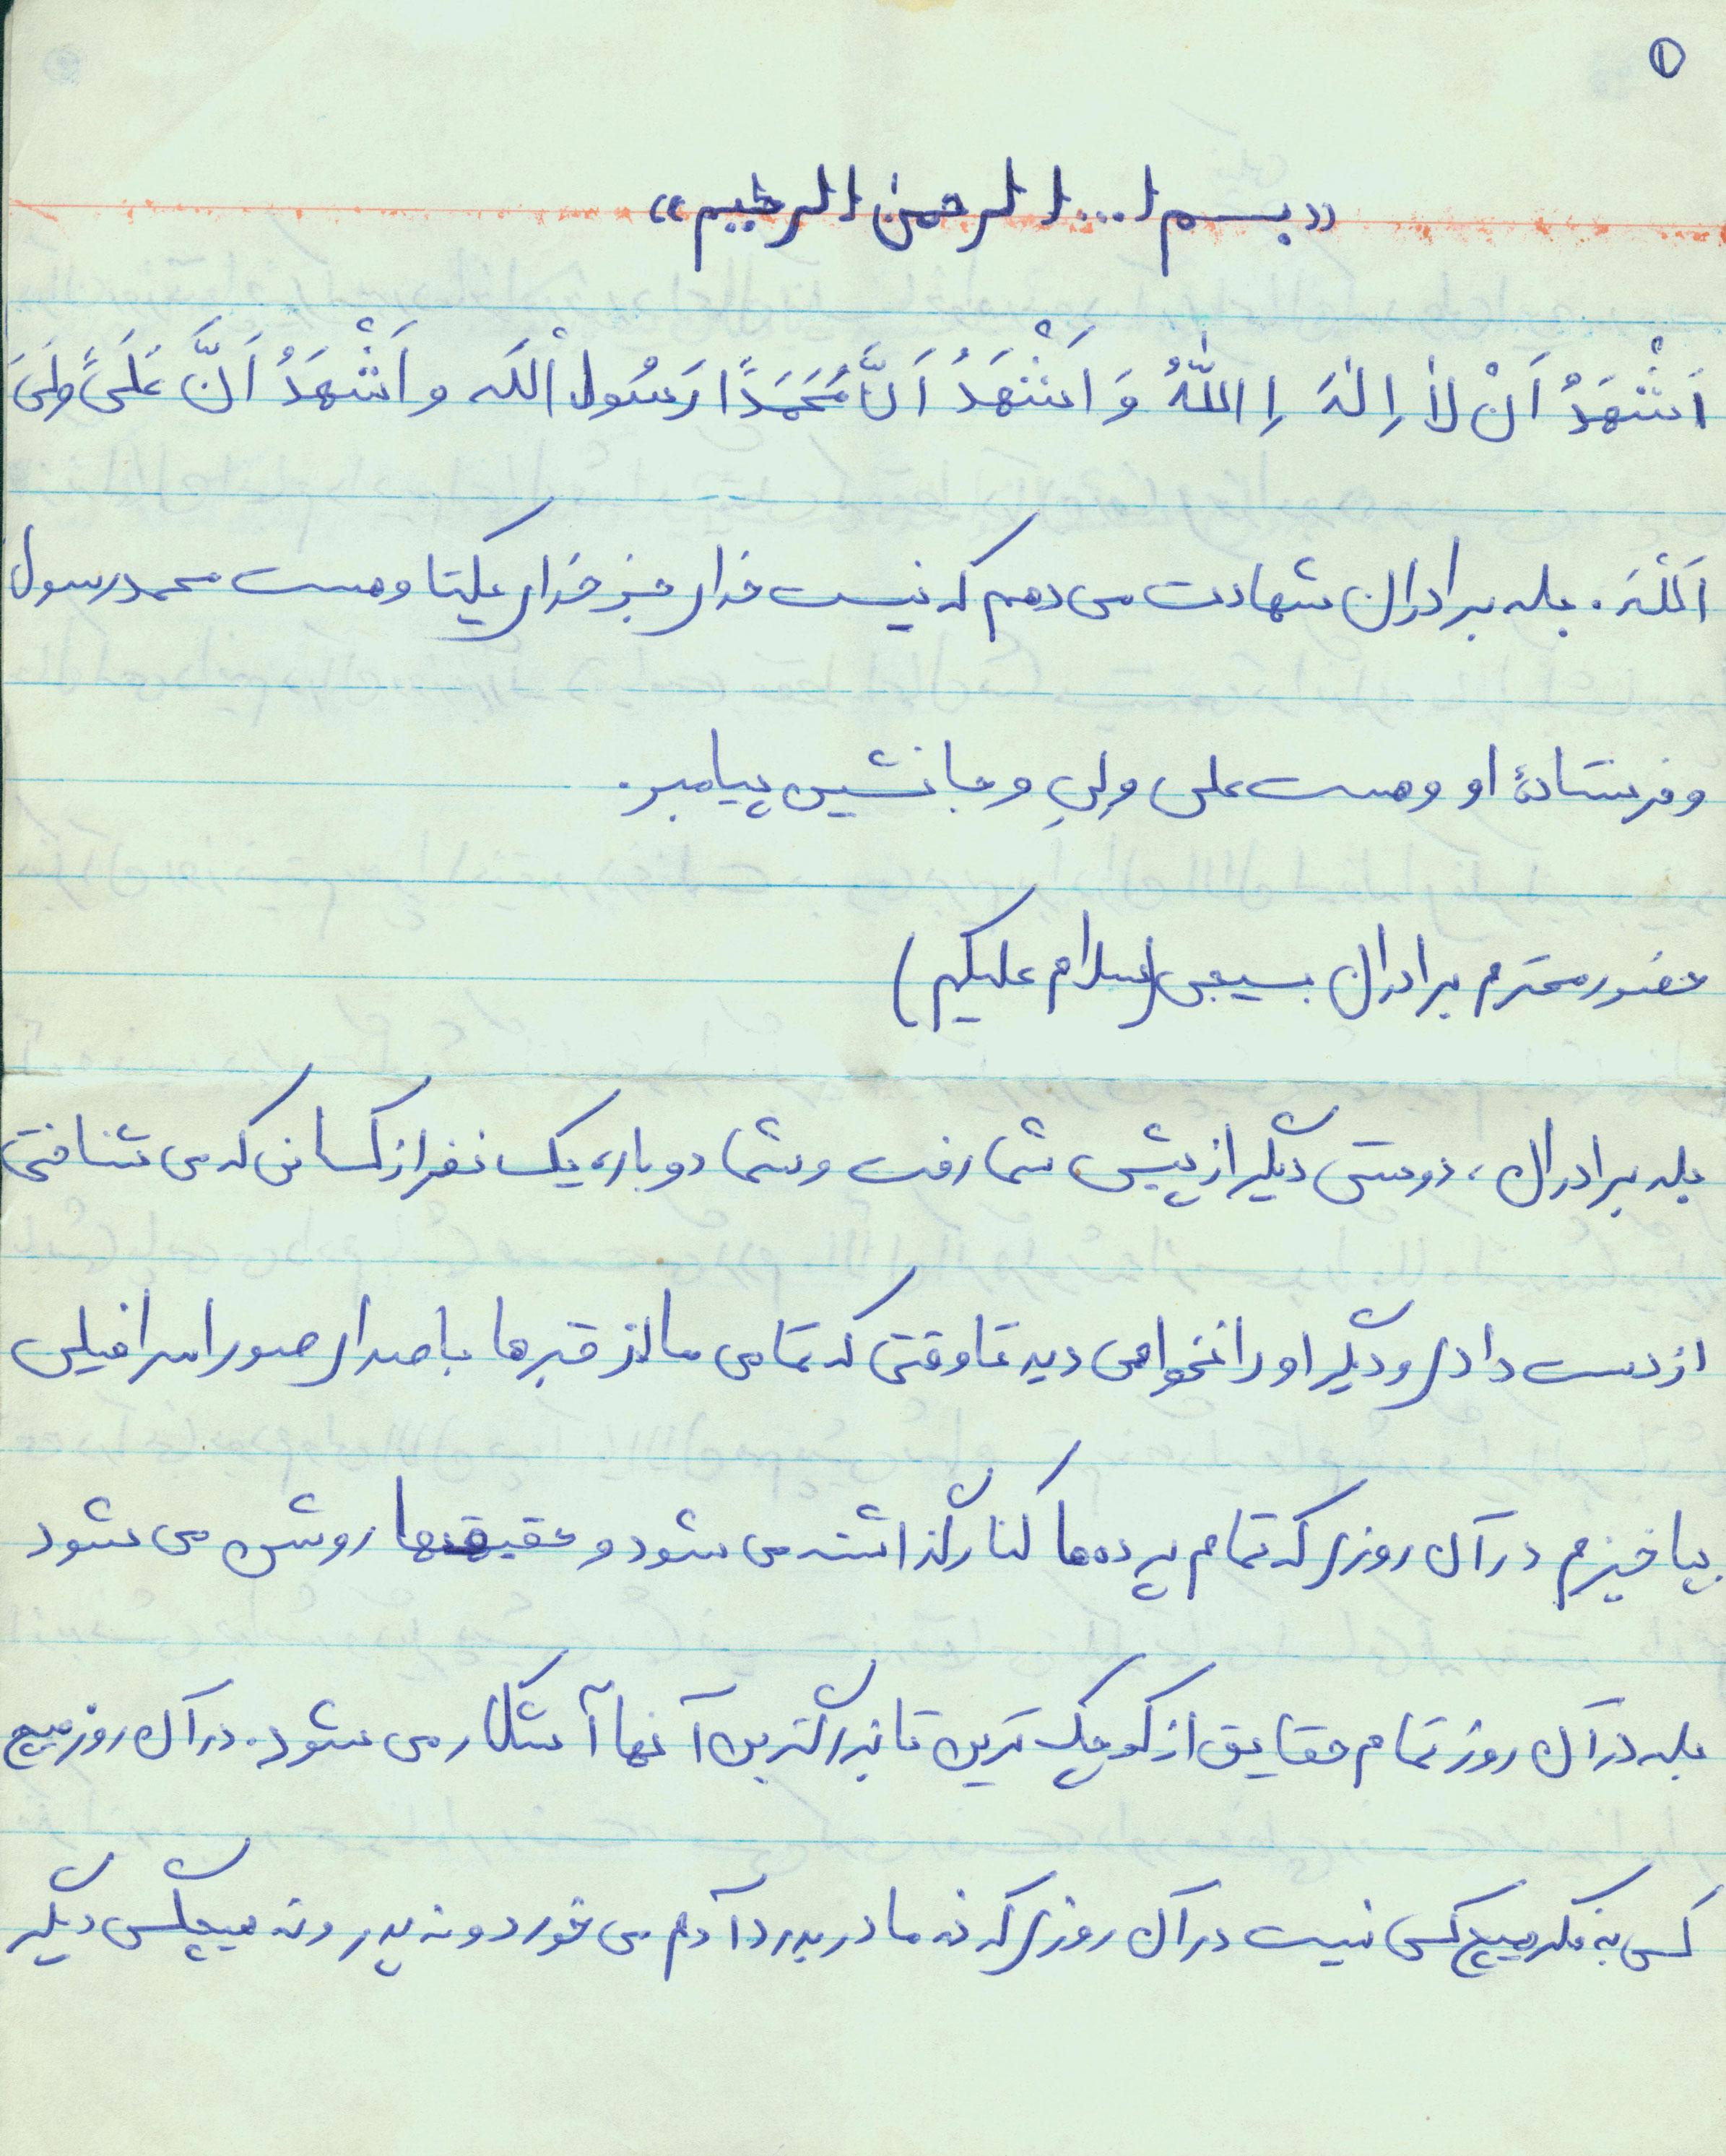 نامه شهید اکبر بدیععارض/ به فکر قیامت باشیم